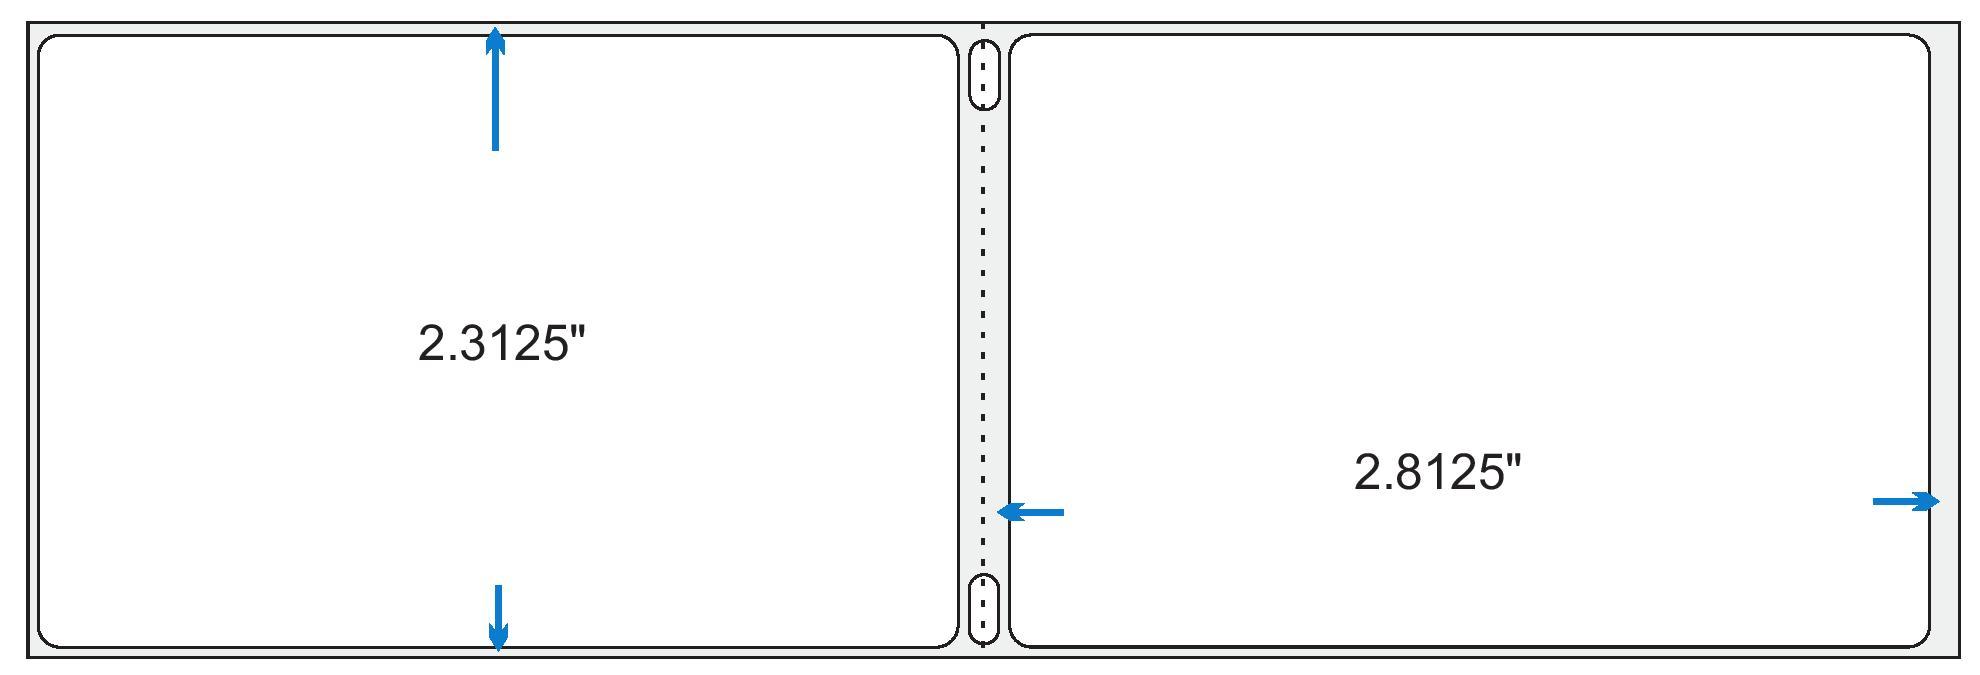 W-INSYNC-2-page-001